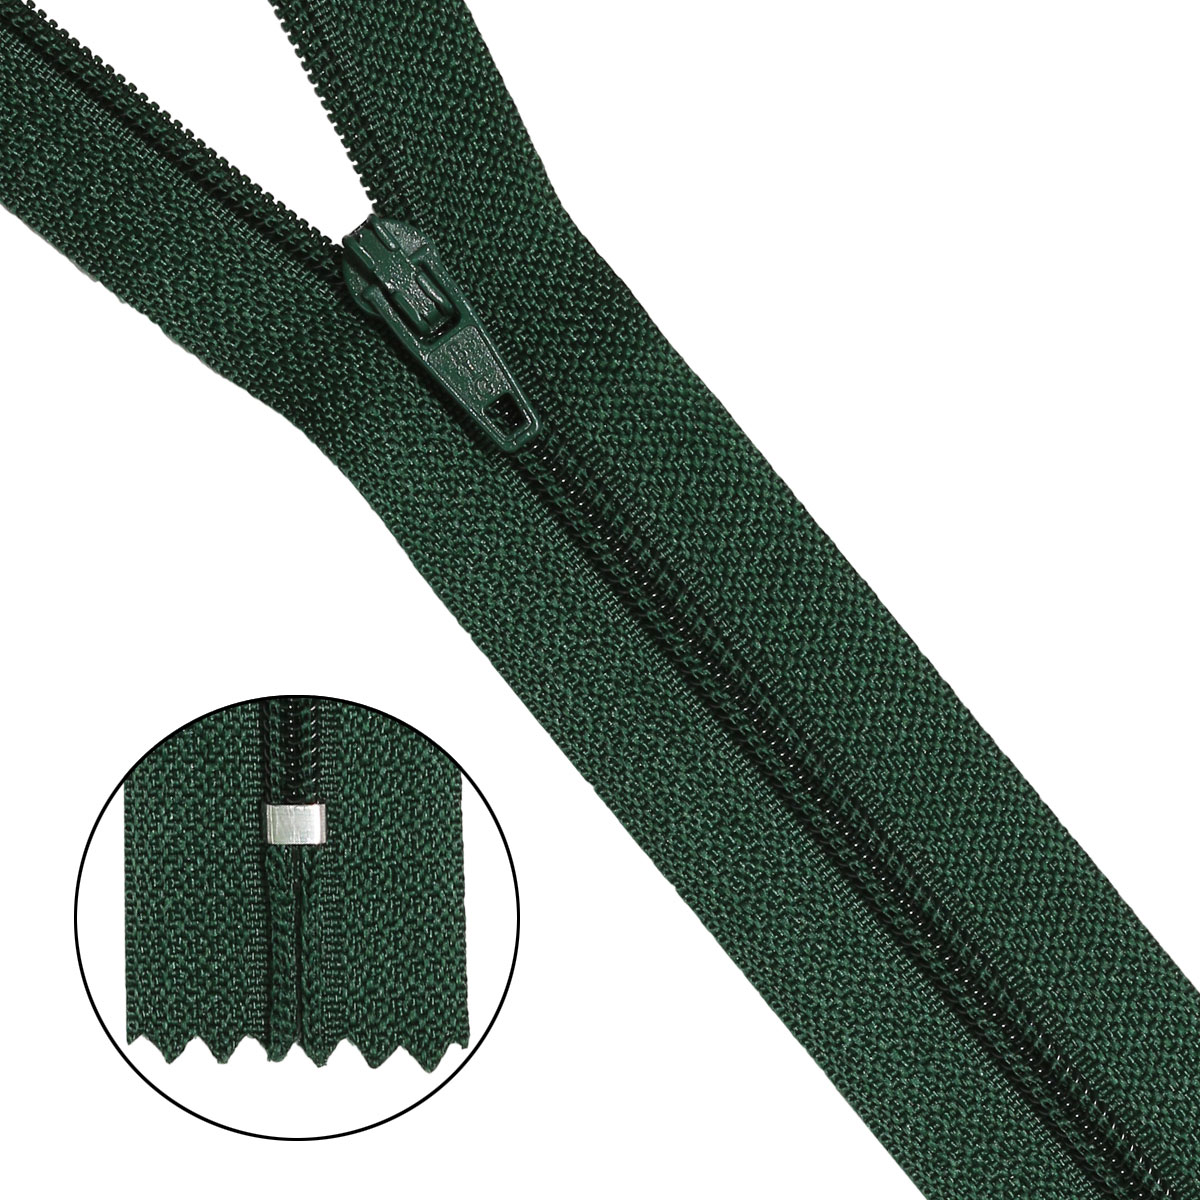 30102 Молния пластиковая зеленый нейлон тип-3 авт 20 см ГР